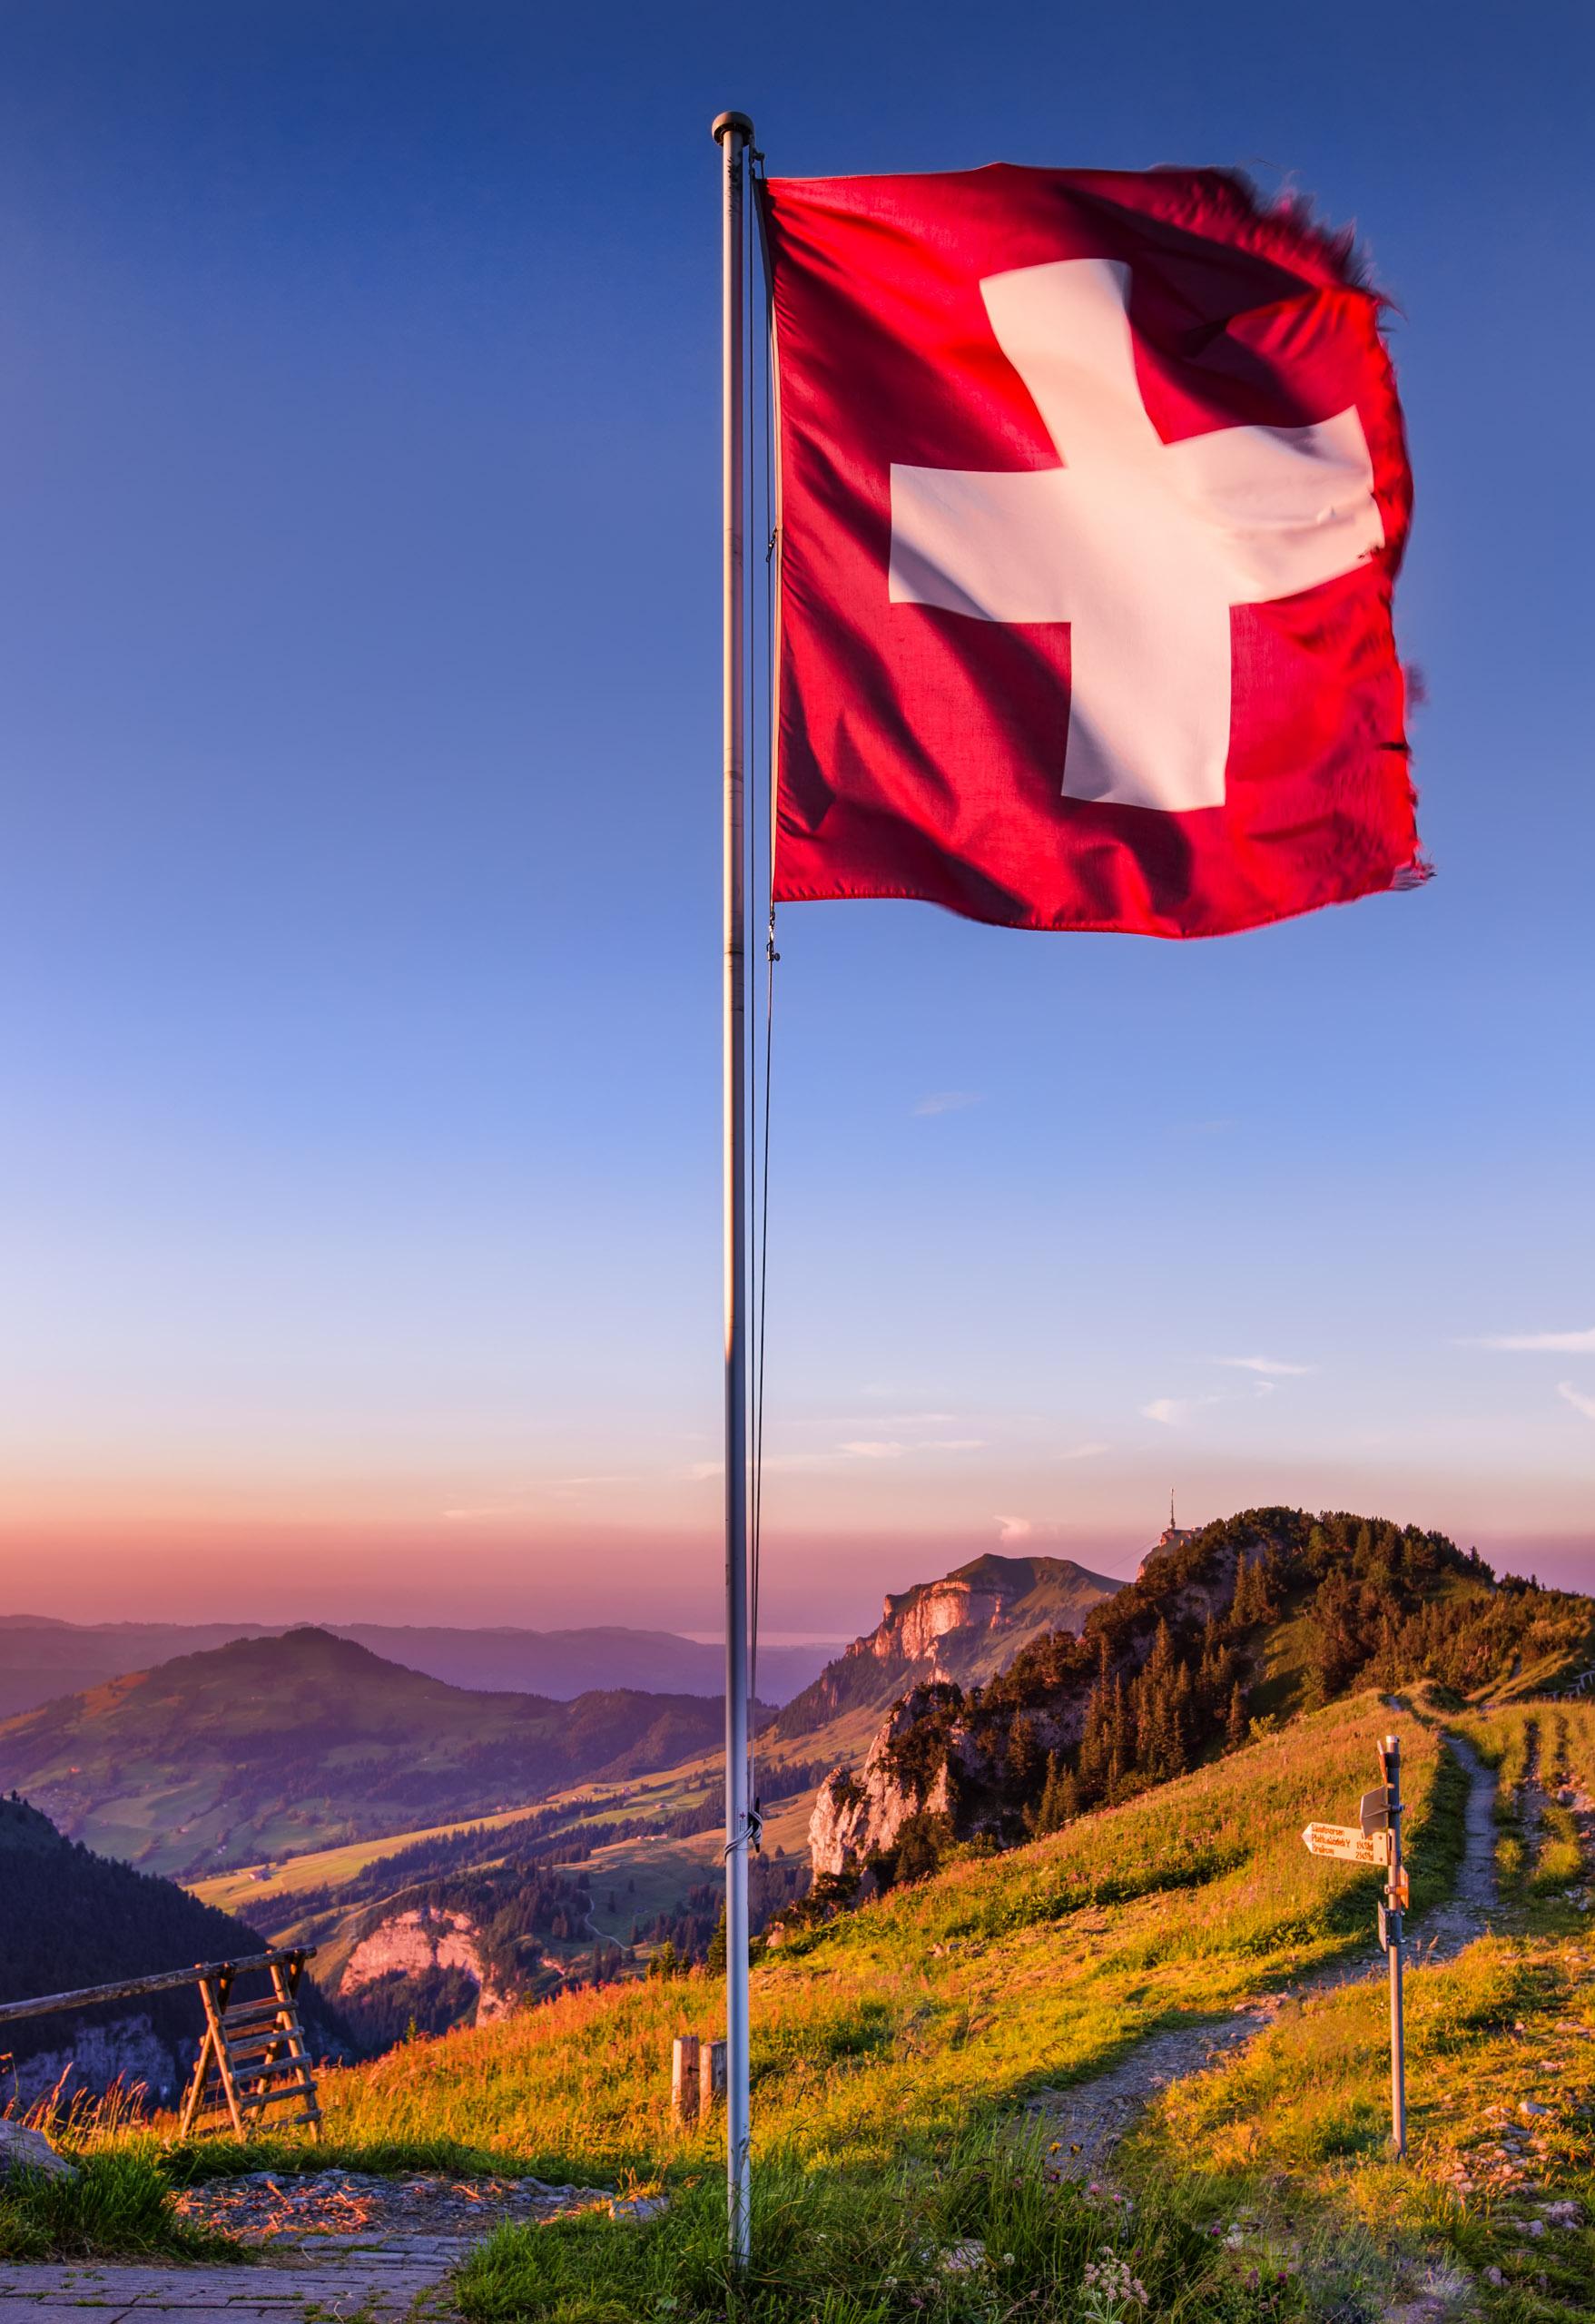 Events und Ausflugsziele zum 1. August | annabelle.ch  |1 August